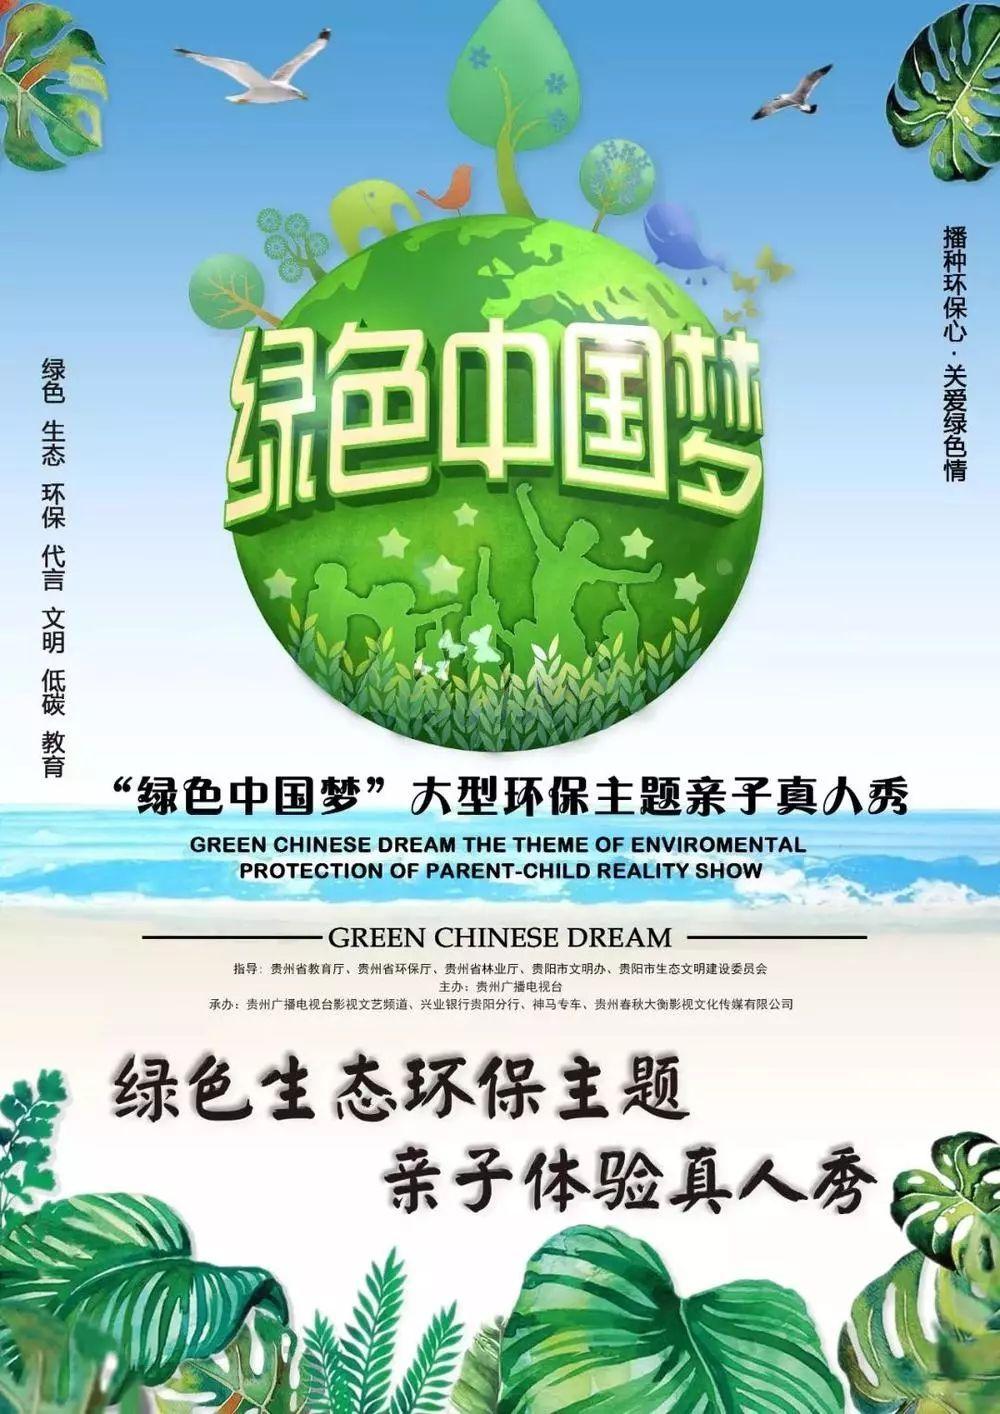 """""""绿色中国梦""""大型环保主题亲子真人秀第三场海选活动开场啦"""